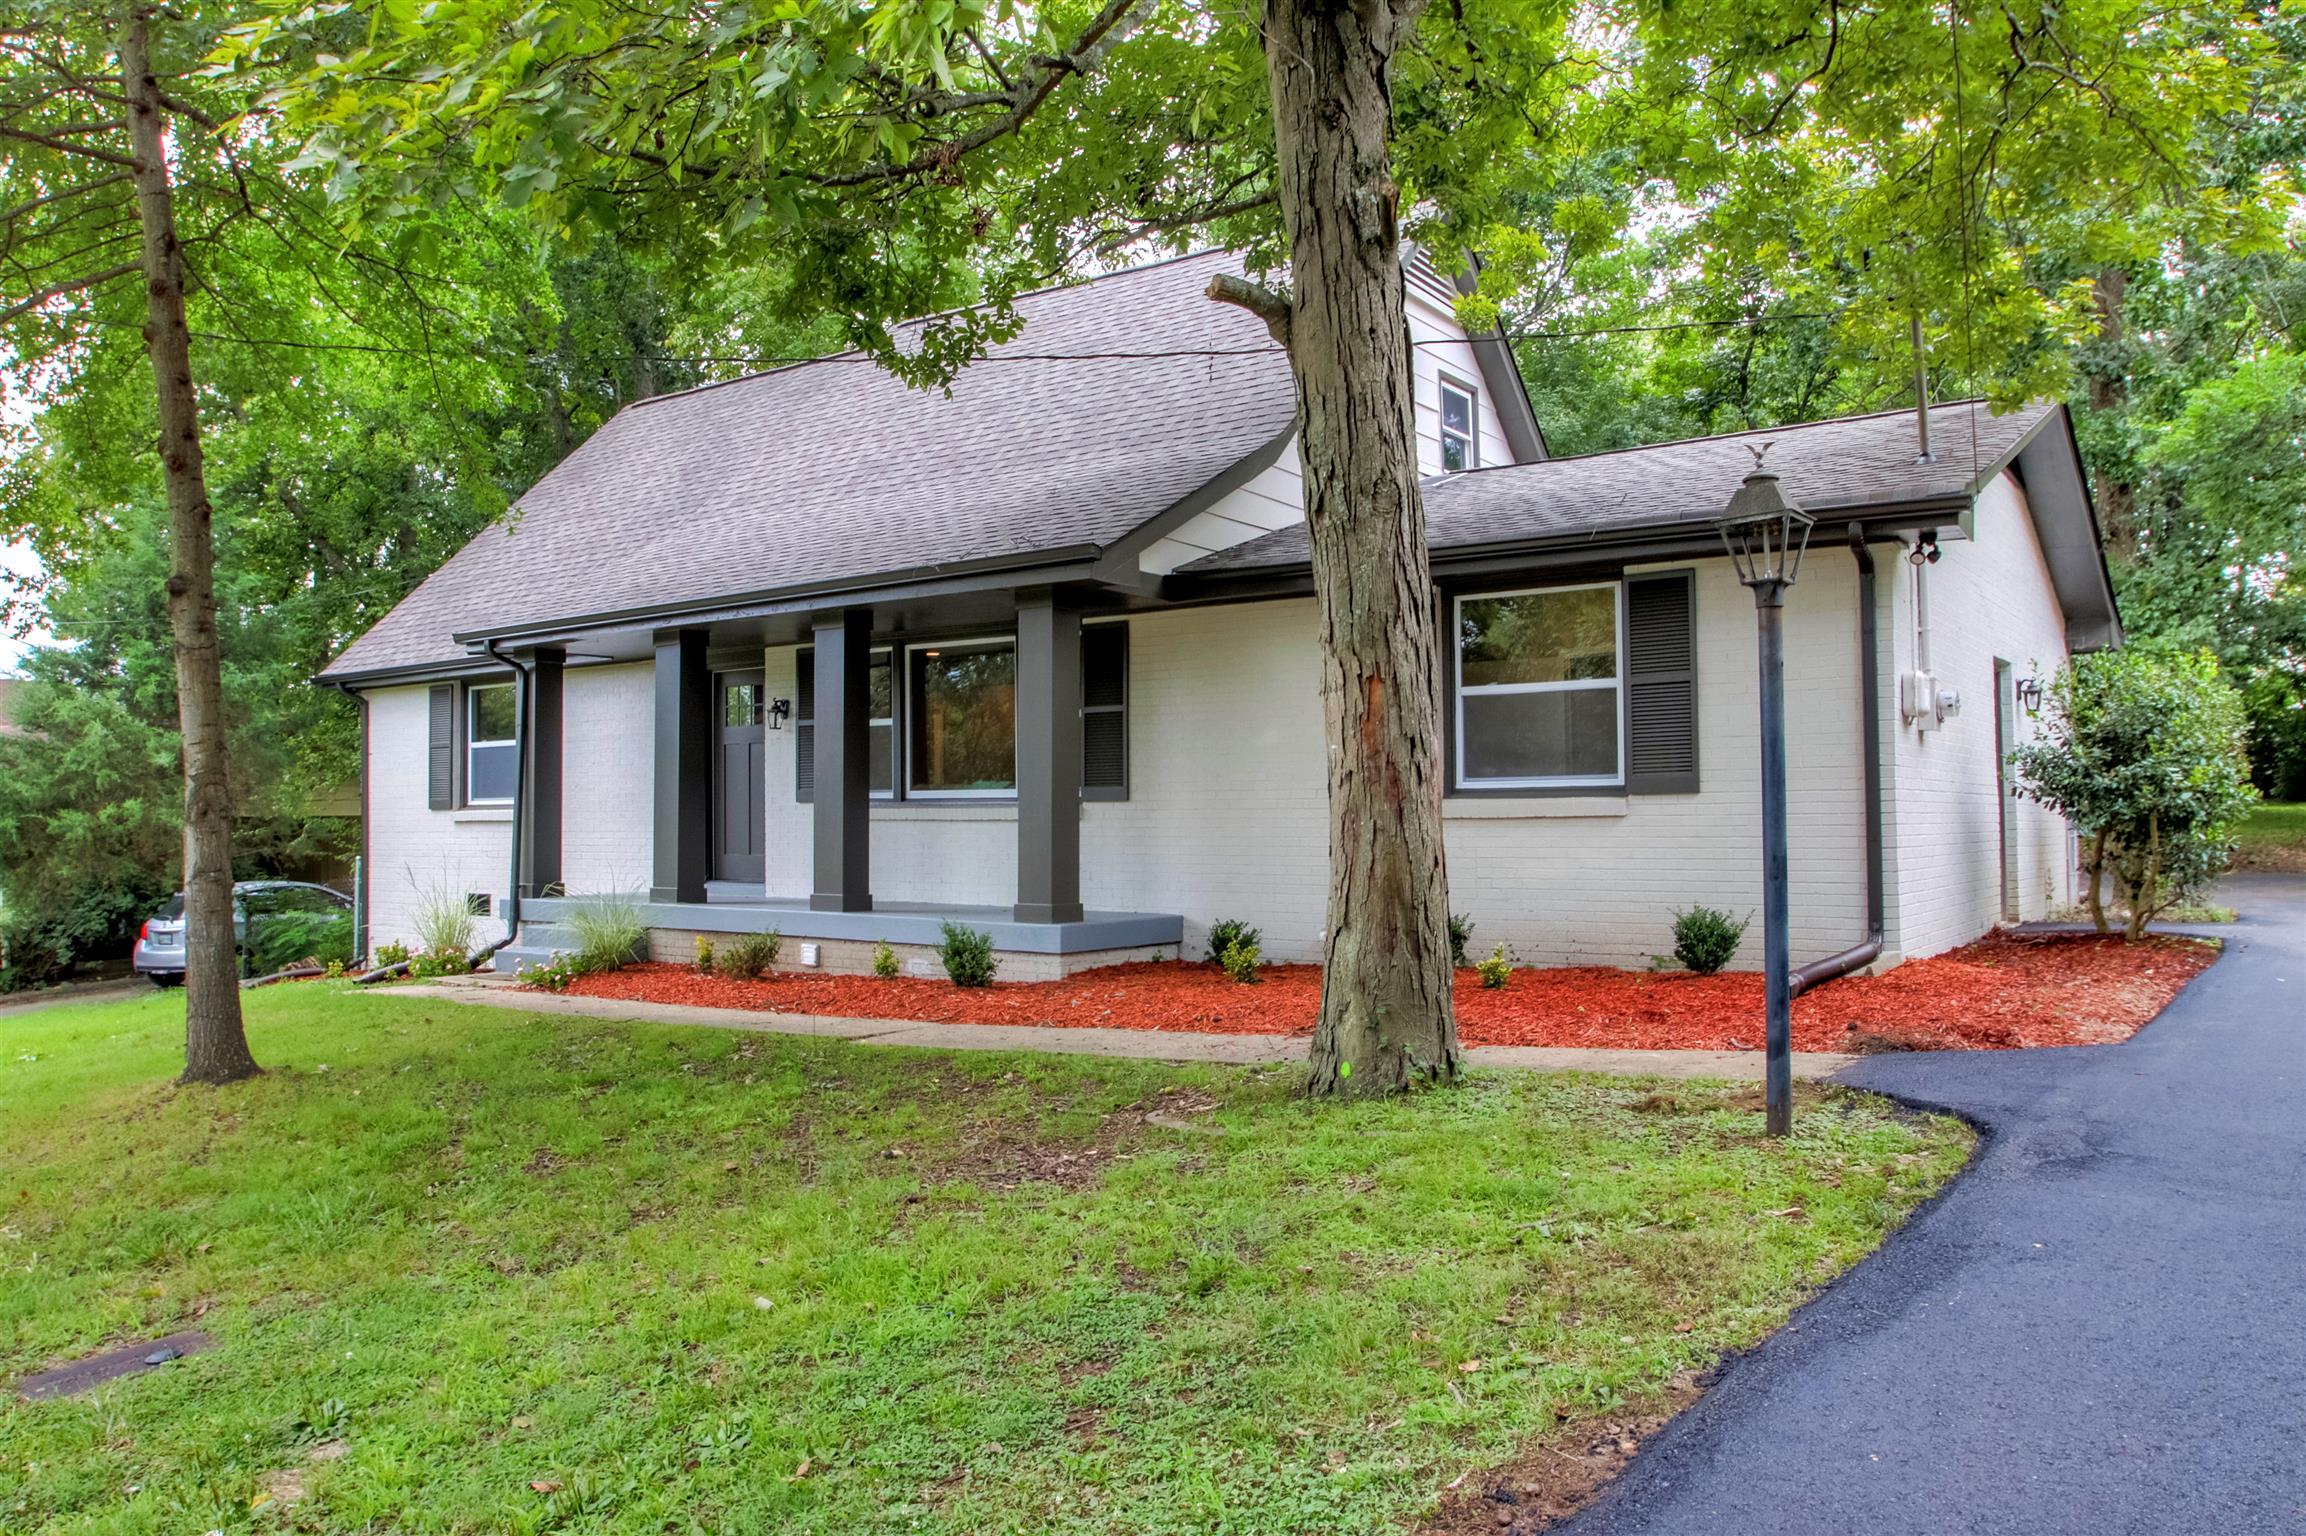 2661 Mossdale Dr, Nashville, TN 37217 - Nashville, TN real estate listing